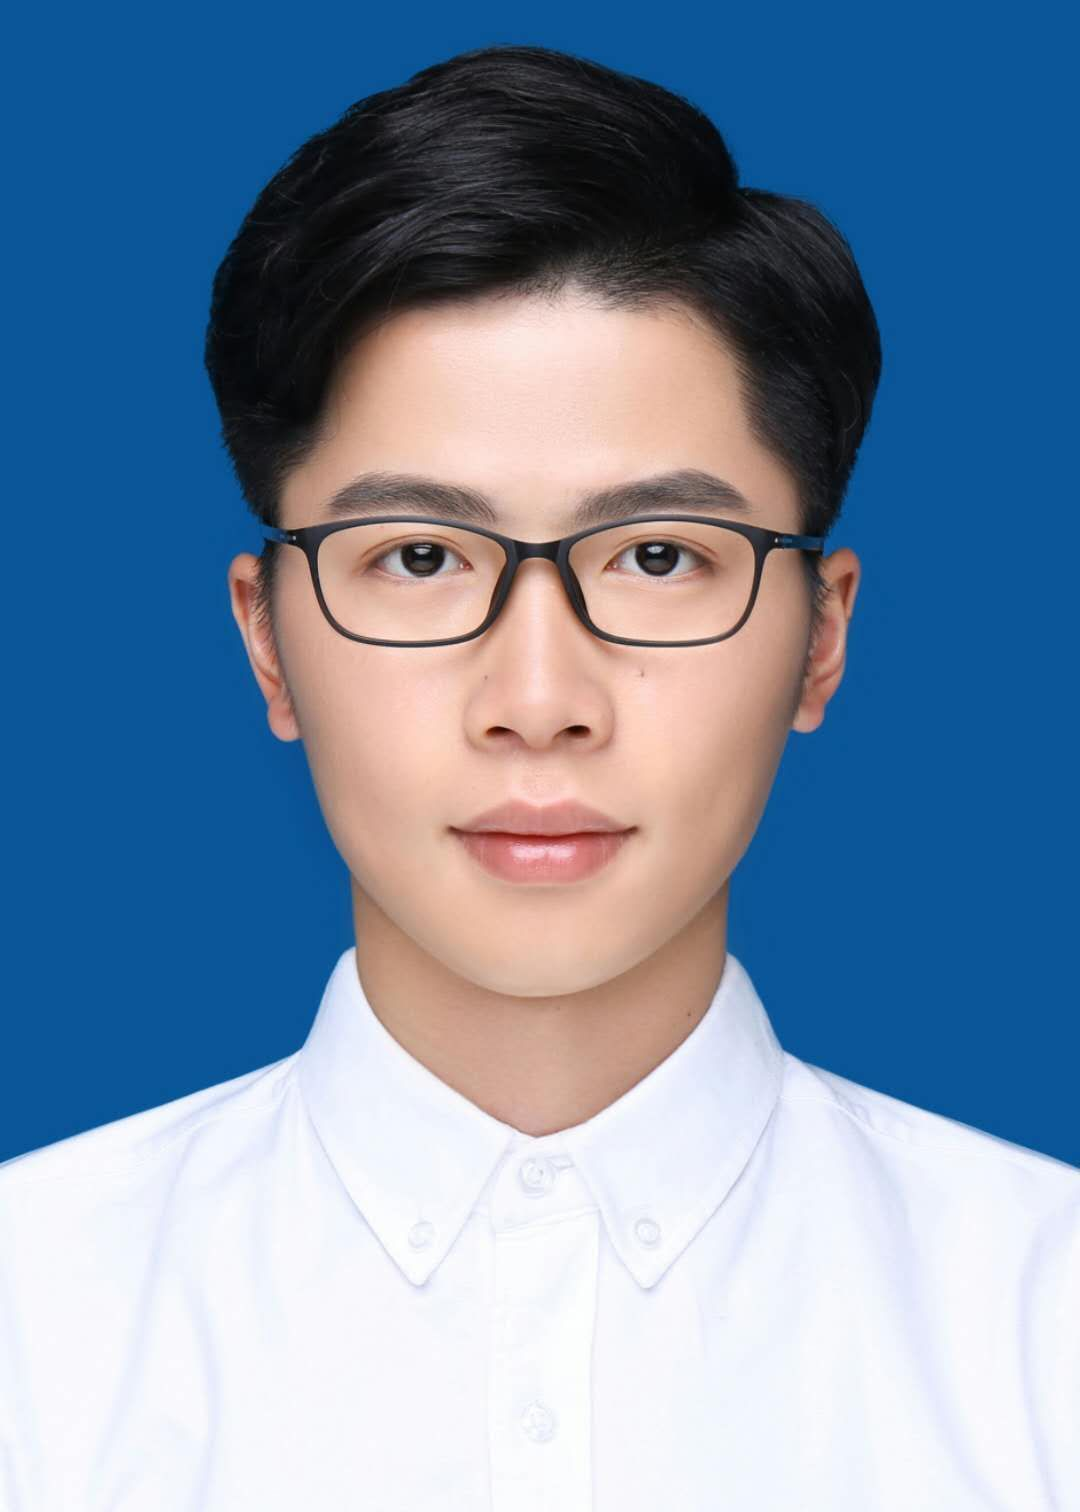 广州家教吴教员